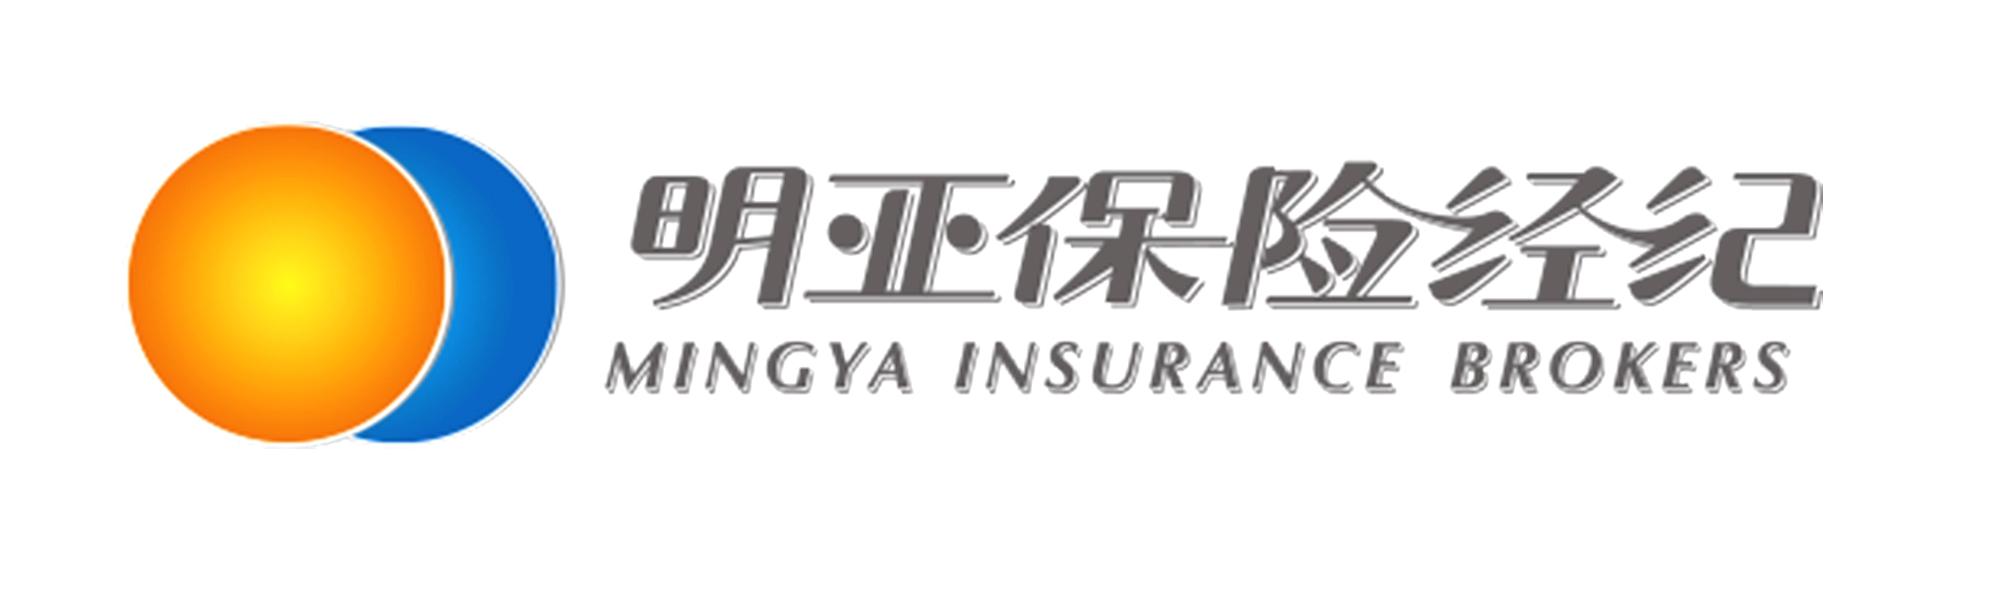 明亚保险经纪股份有限公司广东分公司